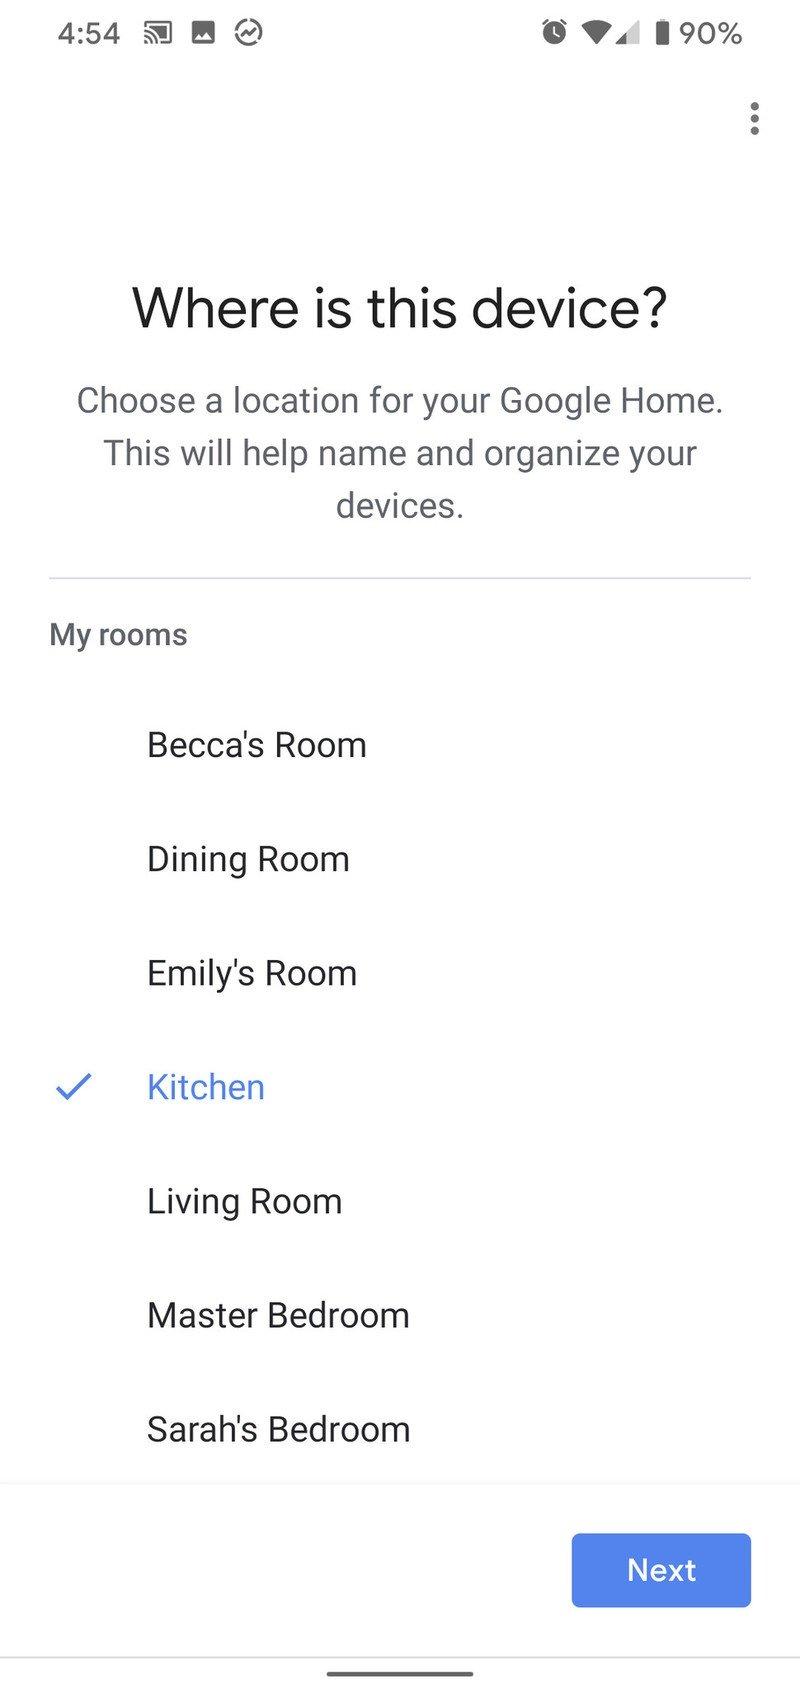 setup-google-home-dec2019-11.jpg?itok=3t